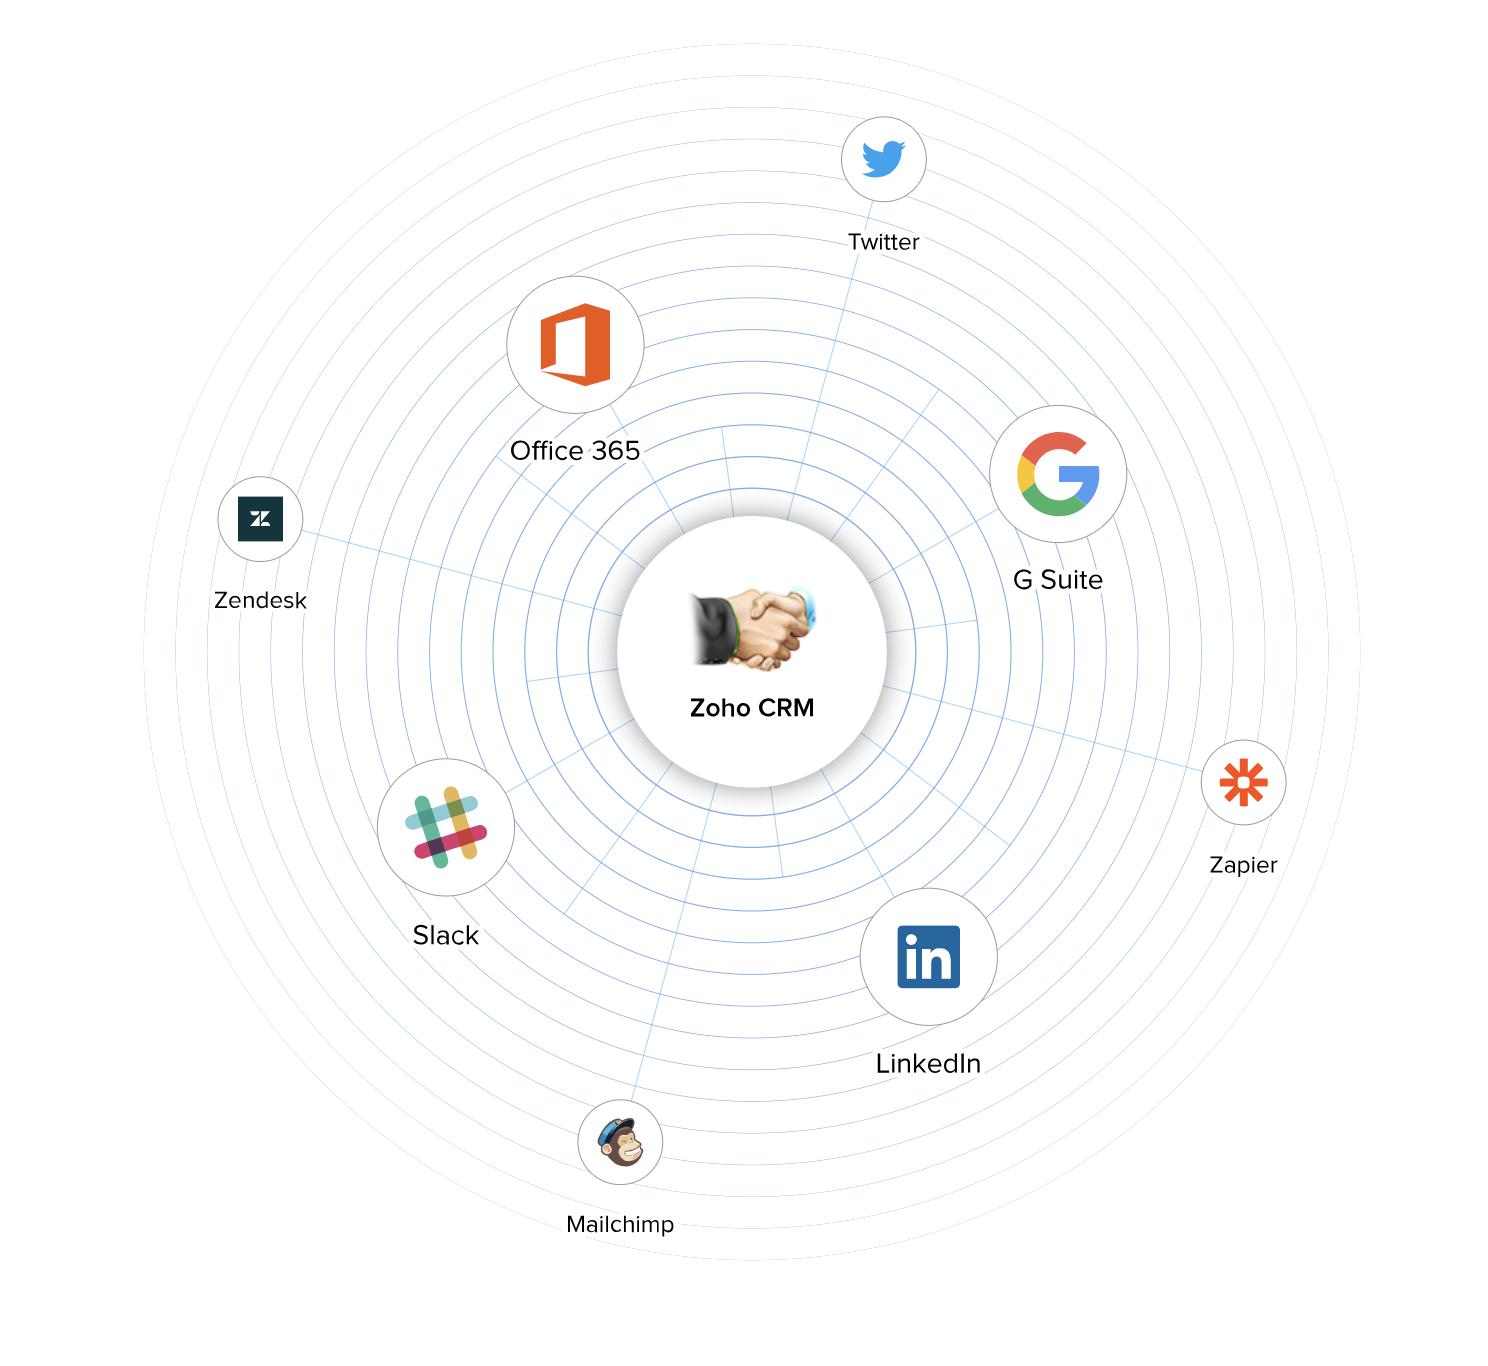 Mögliche Integrationen mit vielen anderen Anwendungen für Unternehmen